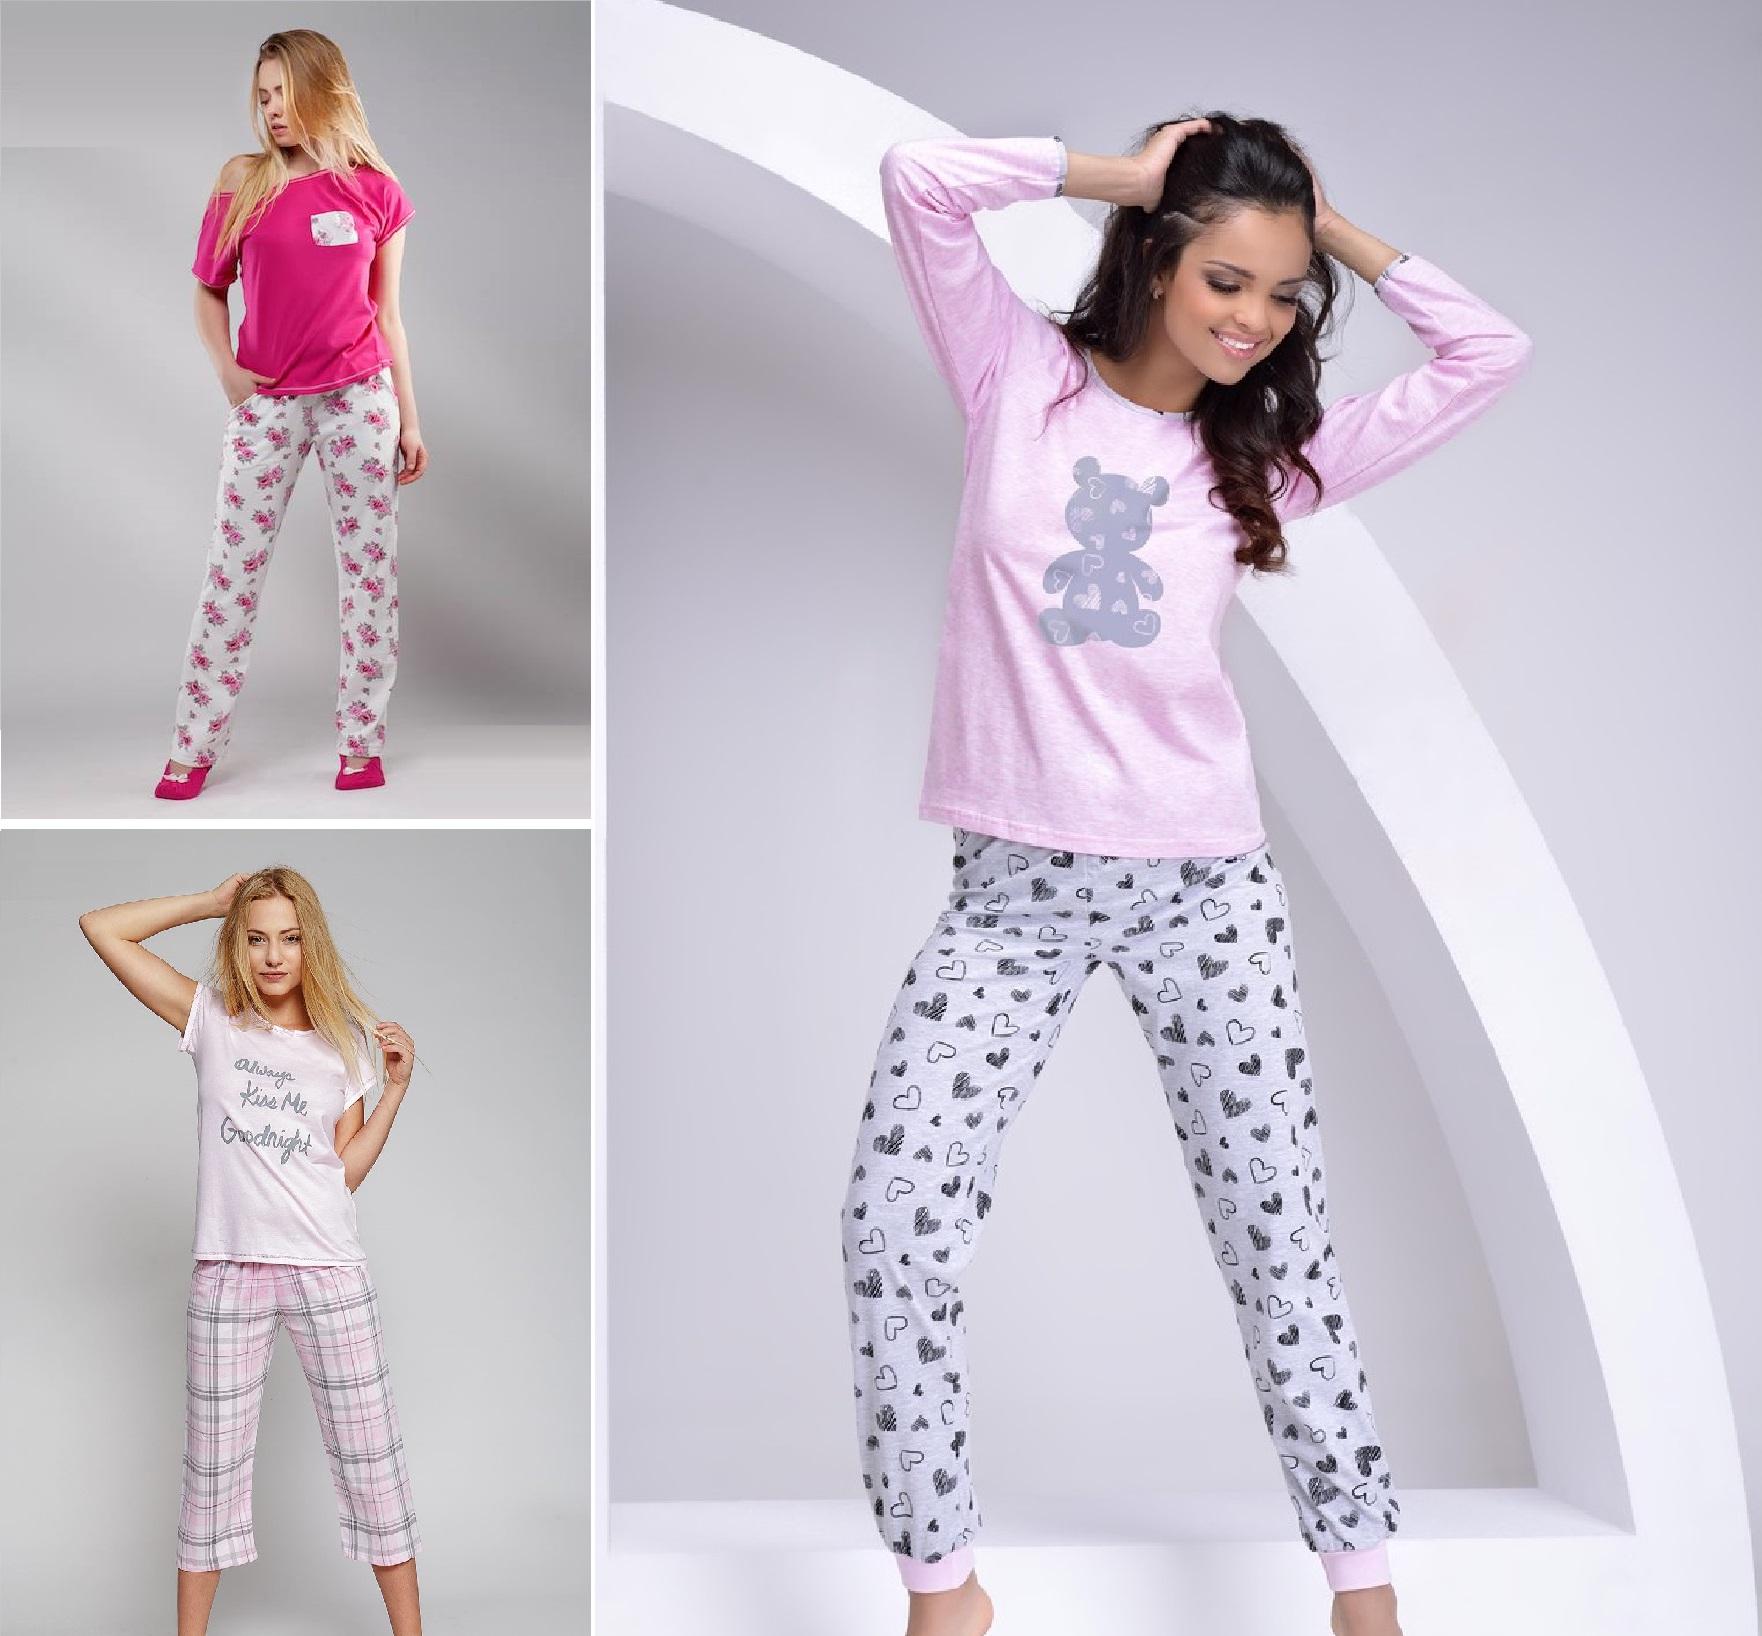 Женские пижамы хлопок TARO SENSIS Польша - купить интернет-магазин Киев